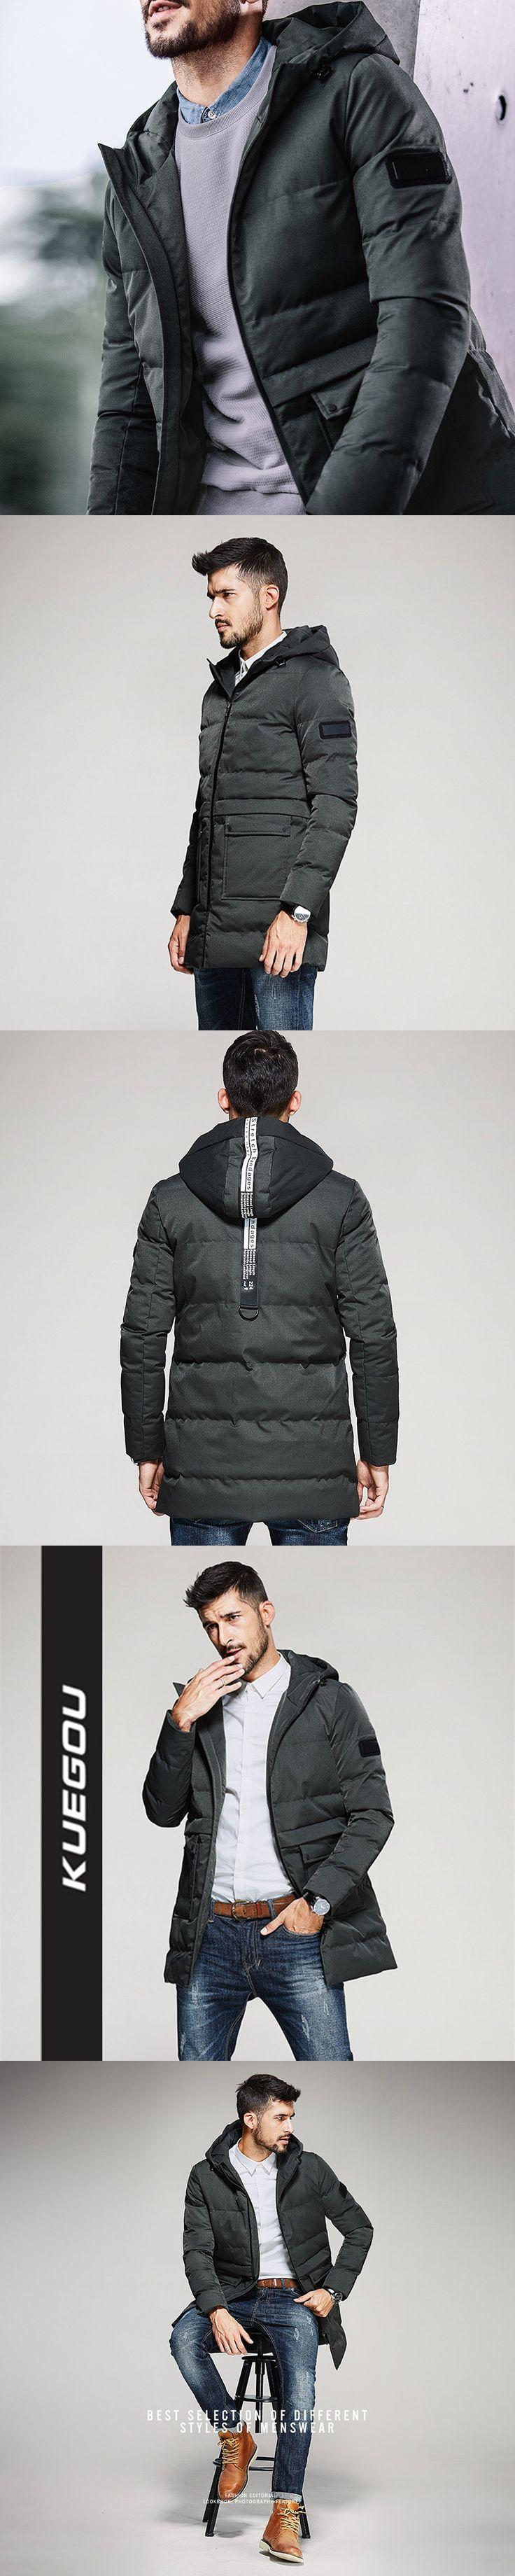 Kuegou 2018 New Men's Retro Green Parkas Men Coats Winter Jacket hooded Polyester Outwear Veste Homme Tops Suprem Size 7686